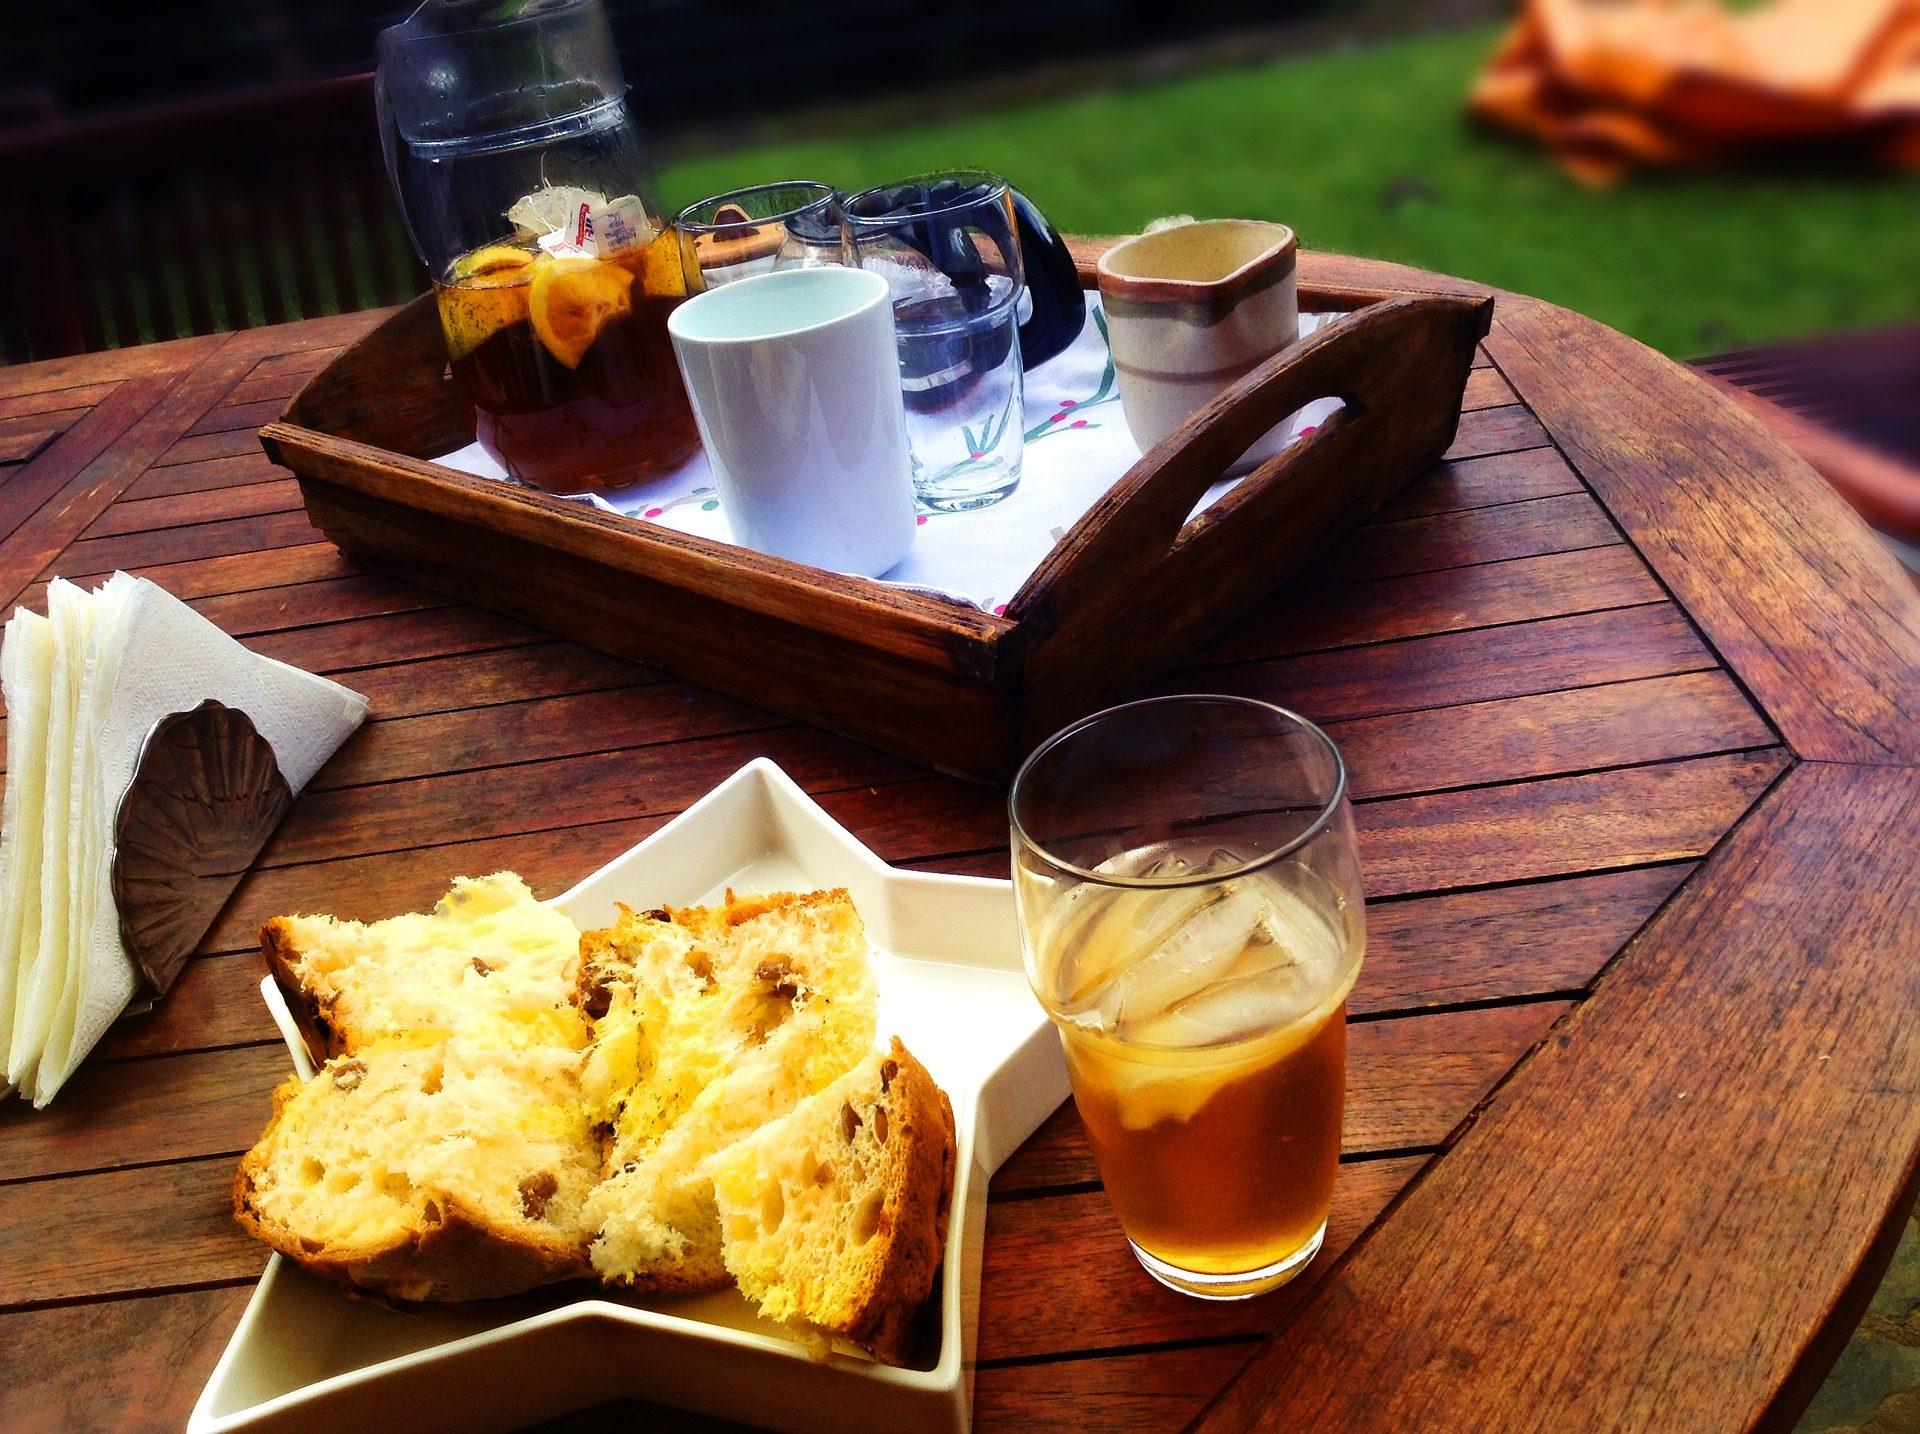 πρωινό, κέικ σφουγγαριών, τσάι, Πίνακας, ξύλο, δίσκος, Αστέρι, σκάφη - Wallpapers HD - Professor-falken.com